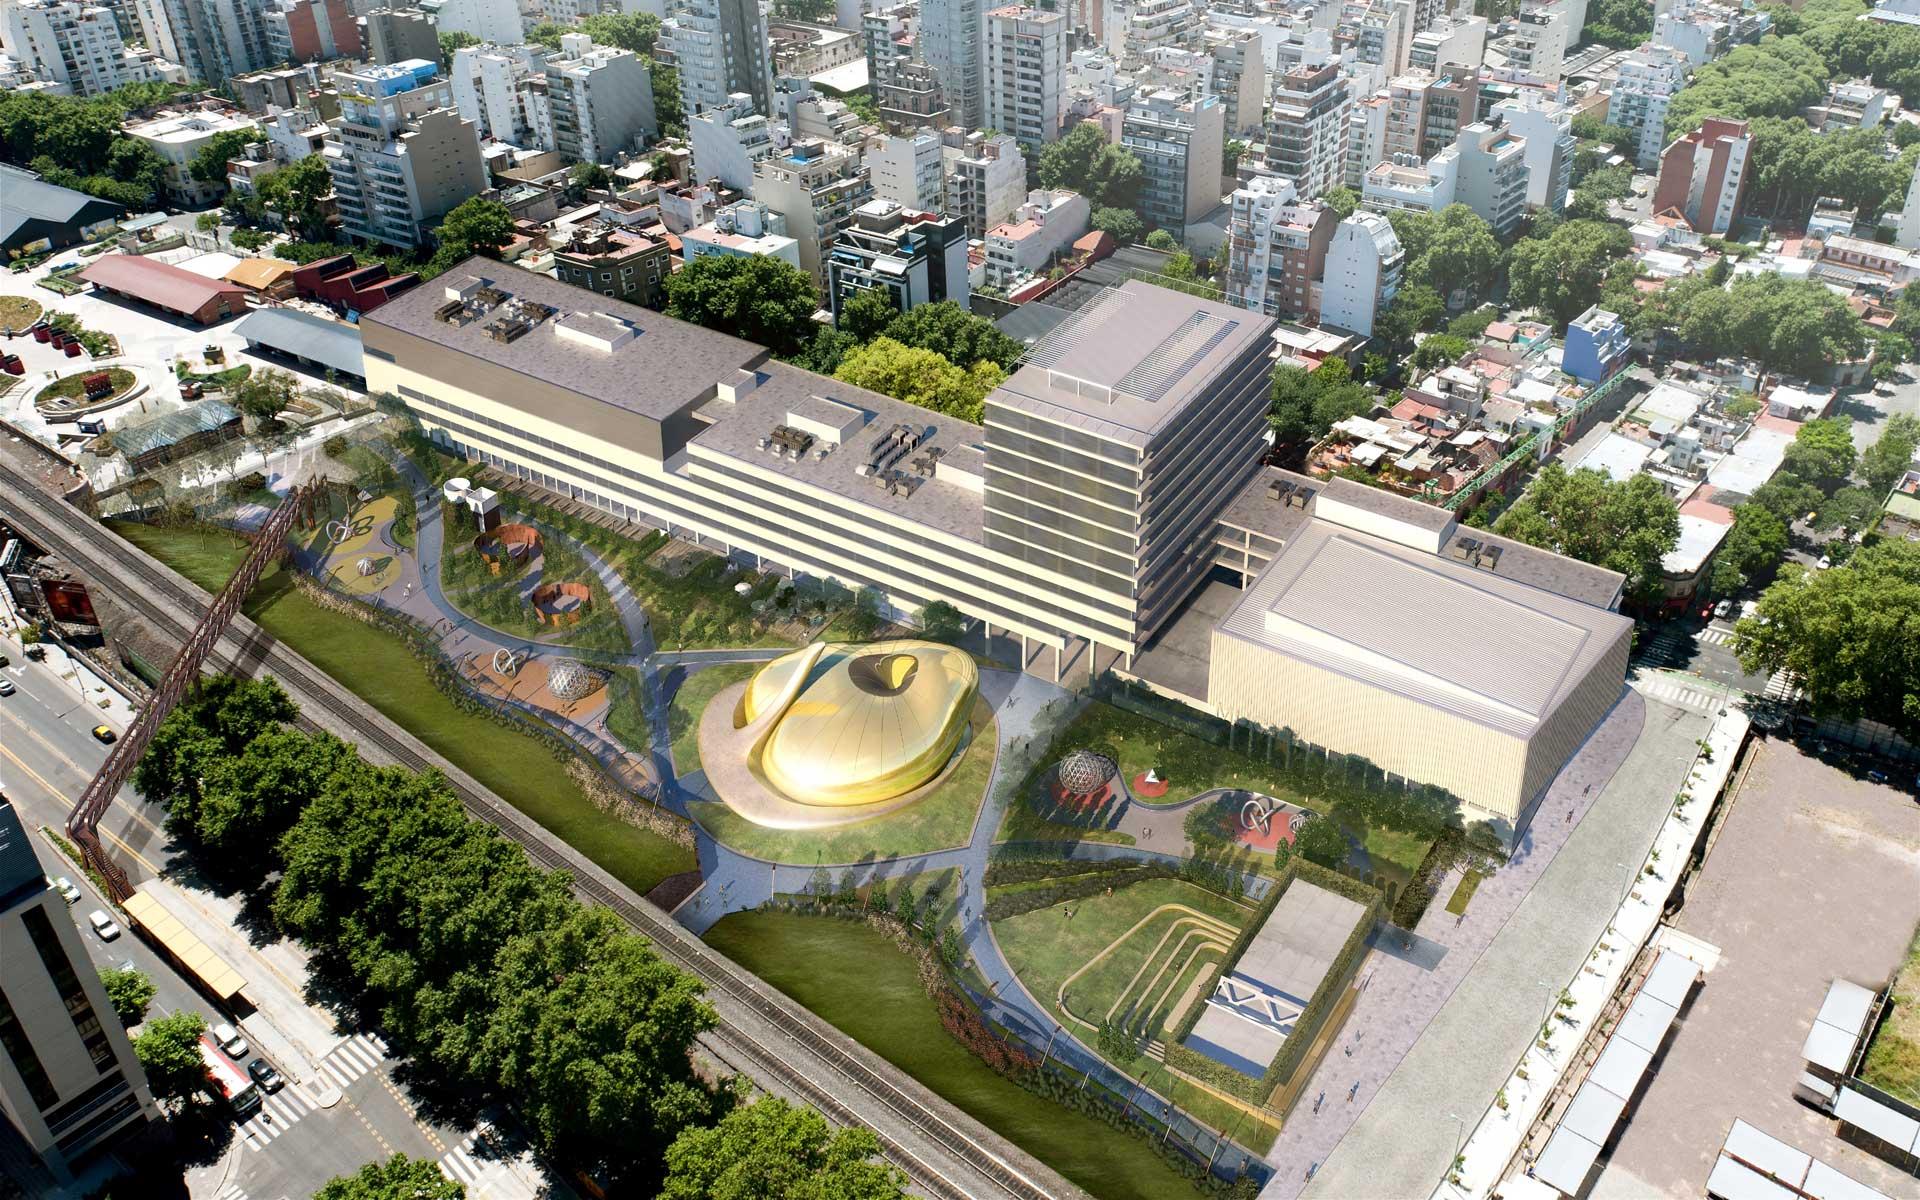 Arquitectura y Paisaje, Concurso Parque de las Ciencias, vista aerea de la propuesta en el Barrio de Palermo Viejo